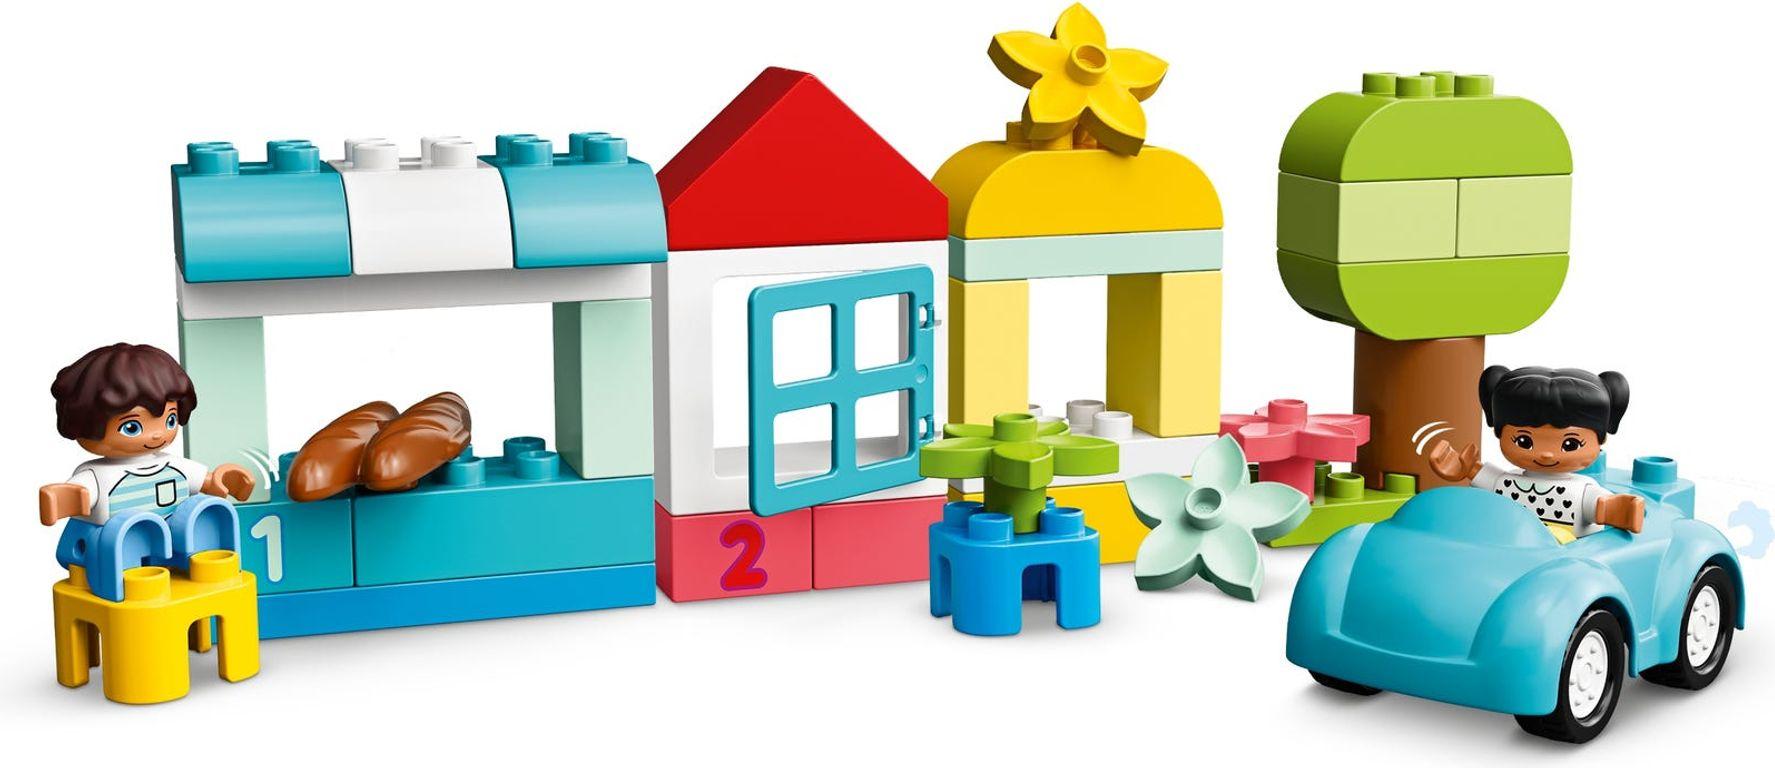 Brick Box components